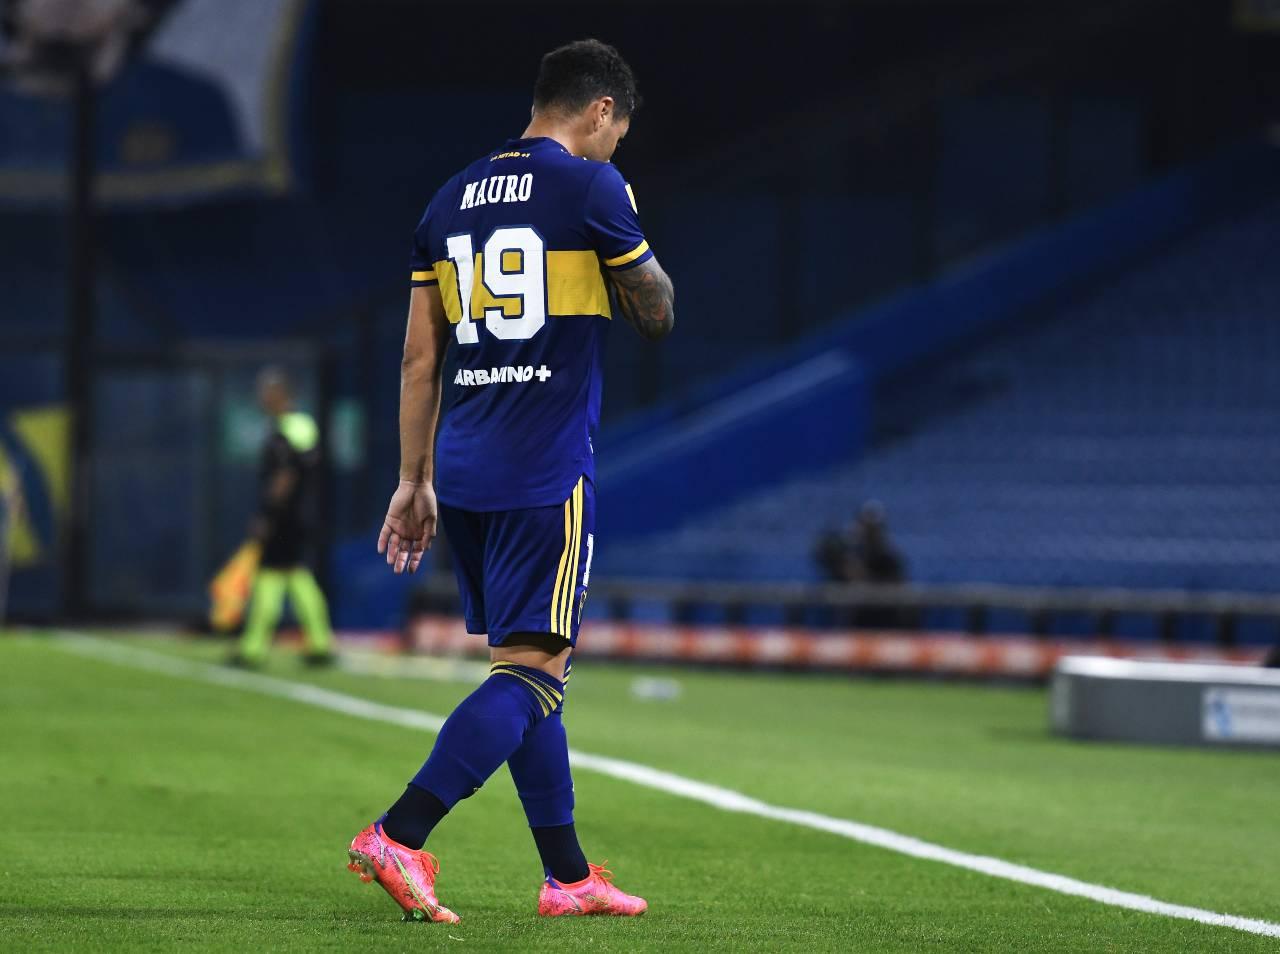 Calciomercato, Zarate in Serie B | La pazza idea dopo l'addio al Boca